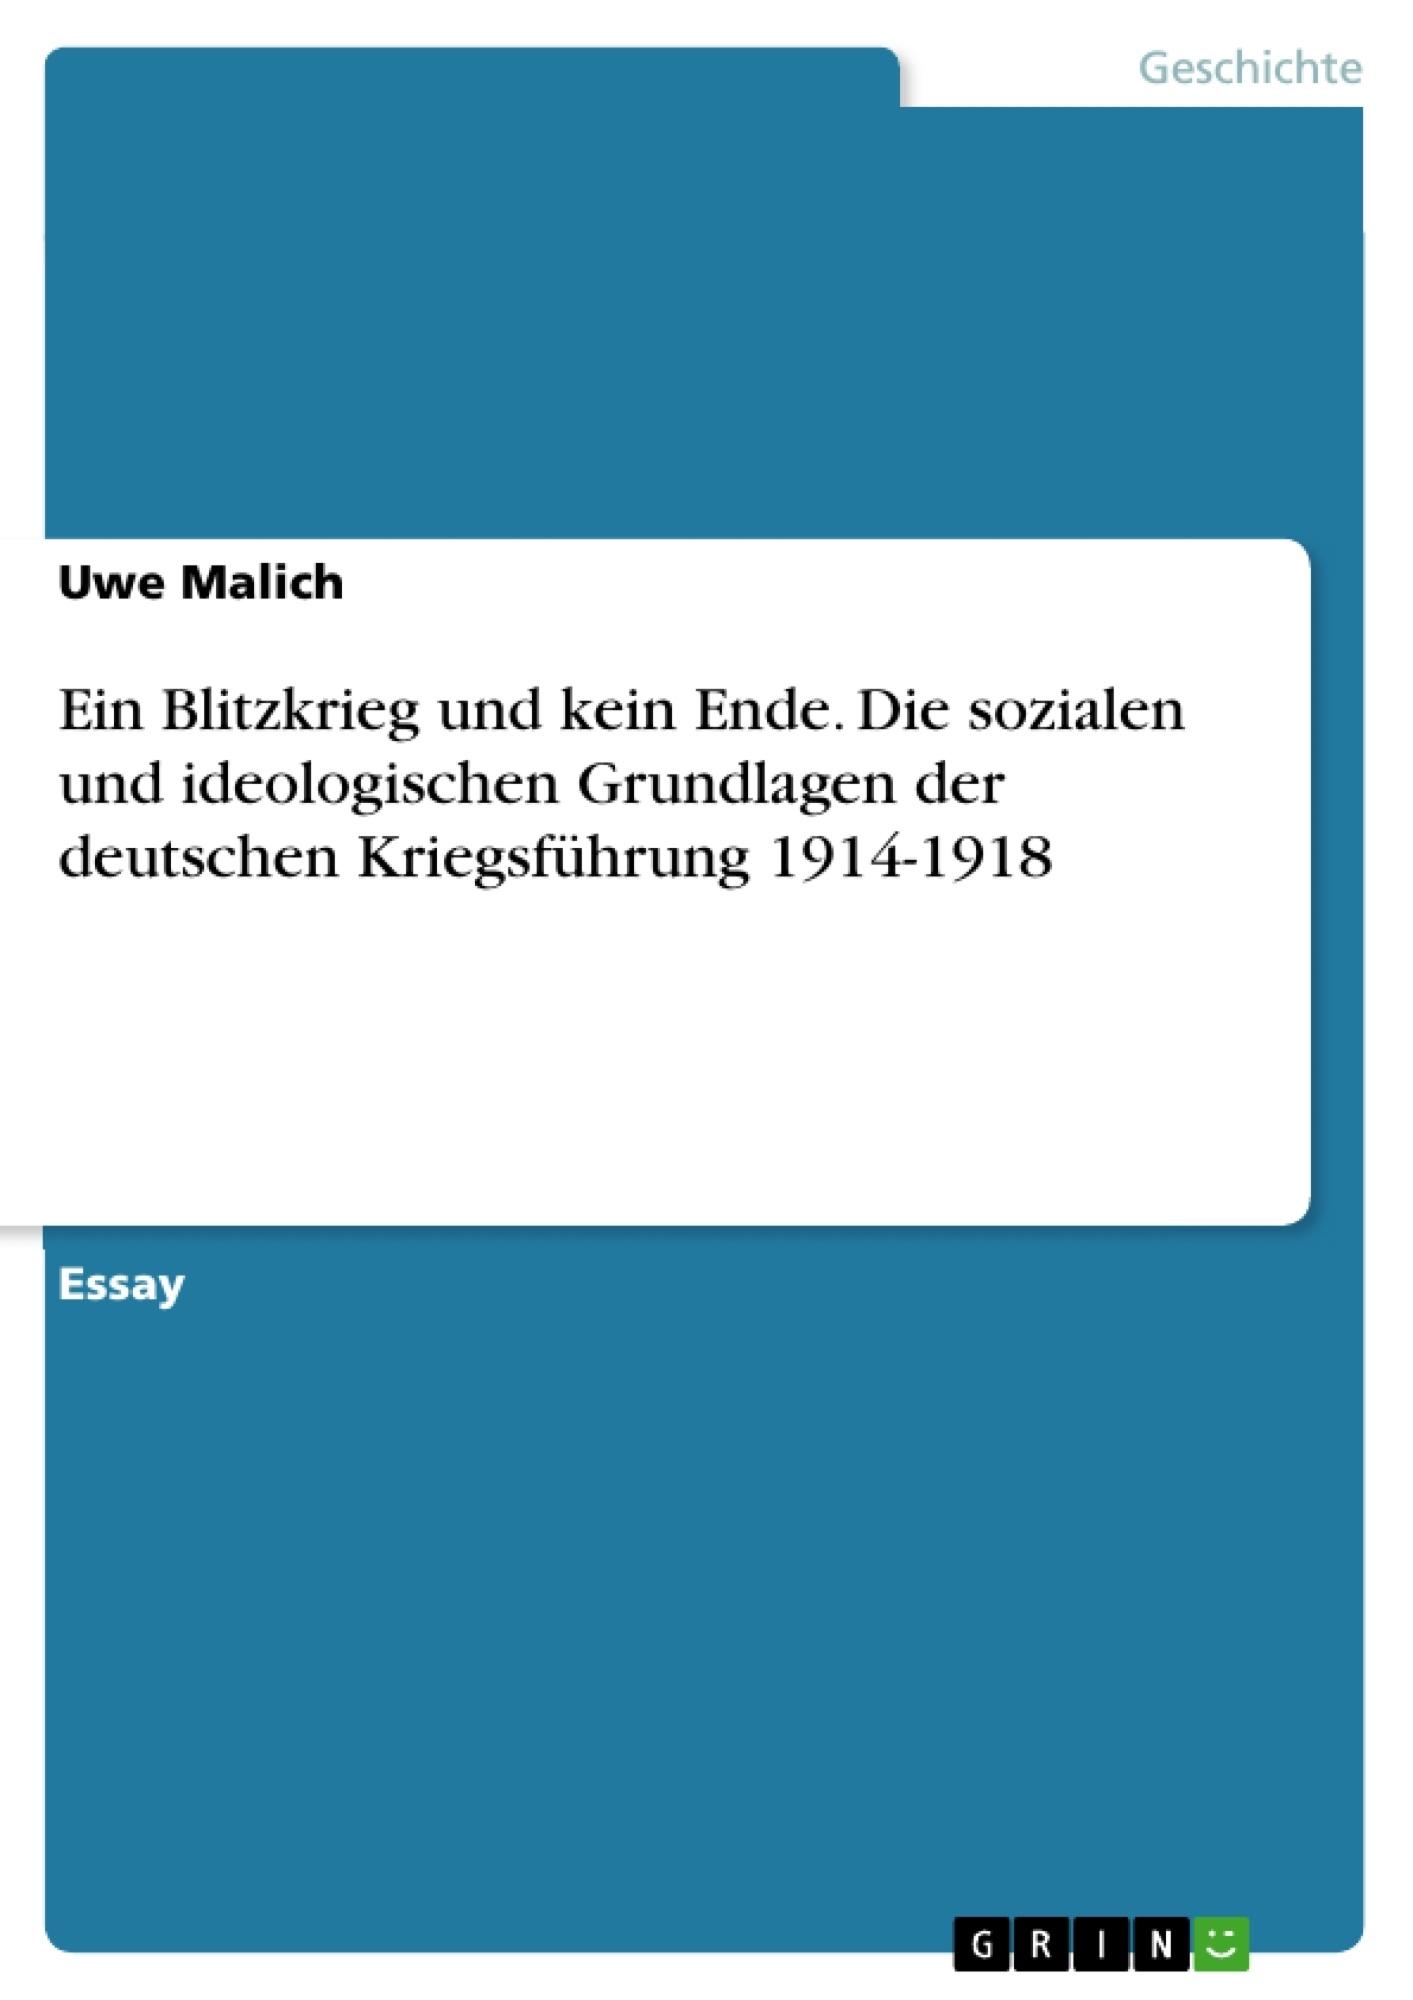 Titel: Ein Blitzkrieg und kein Ende. Die sozialen und ideologischen Grundlagen der deutschen Kriegsführung 1914-1918